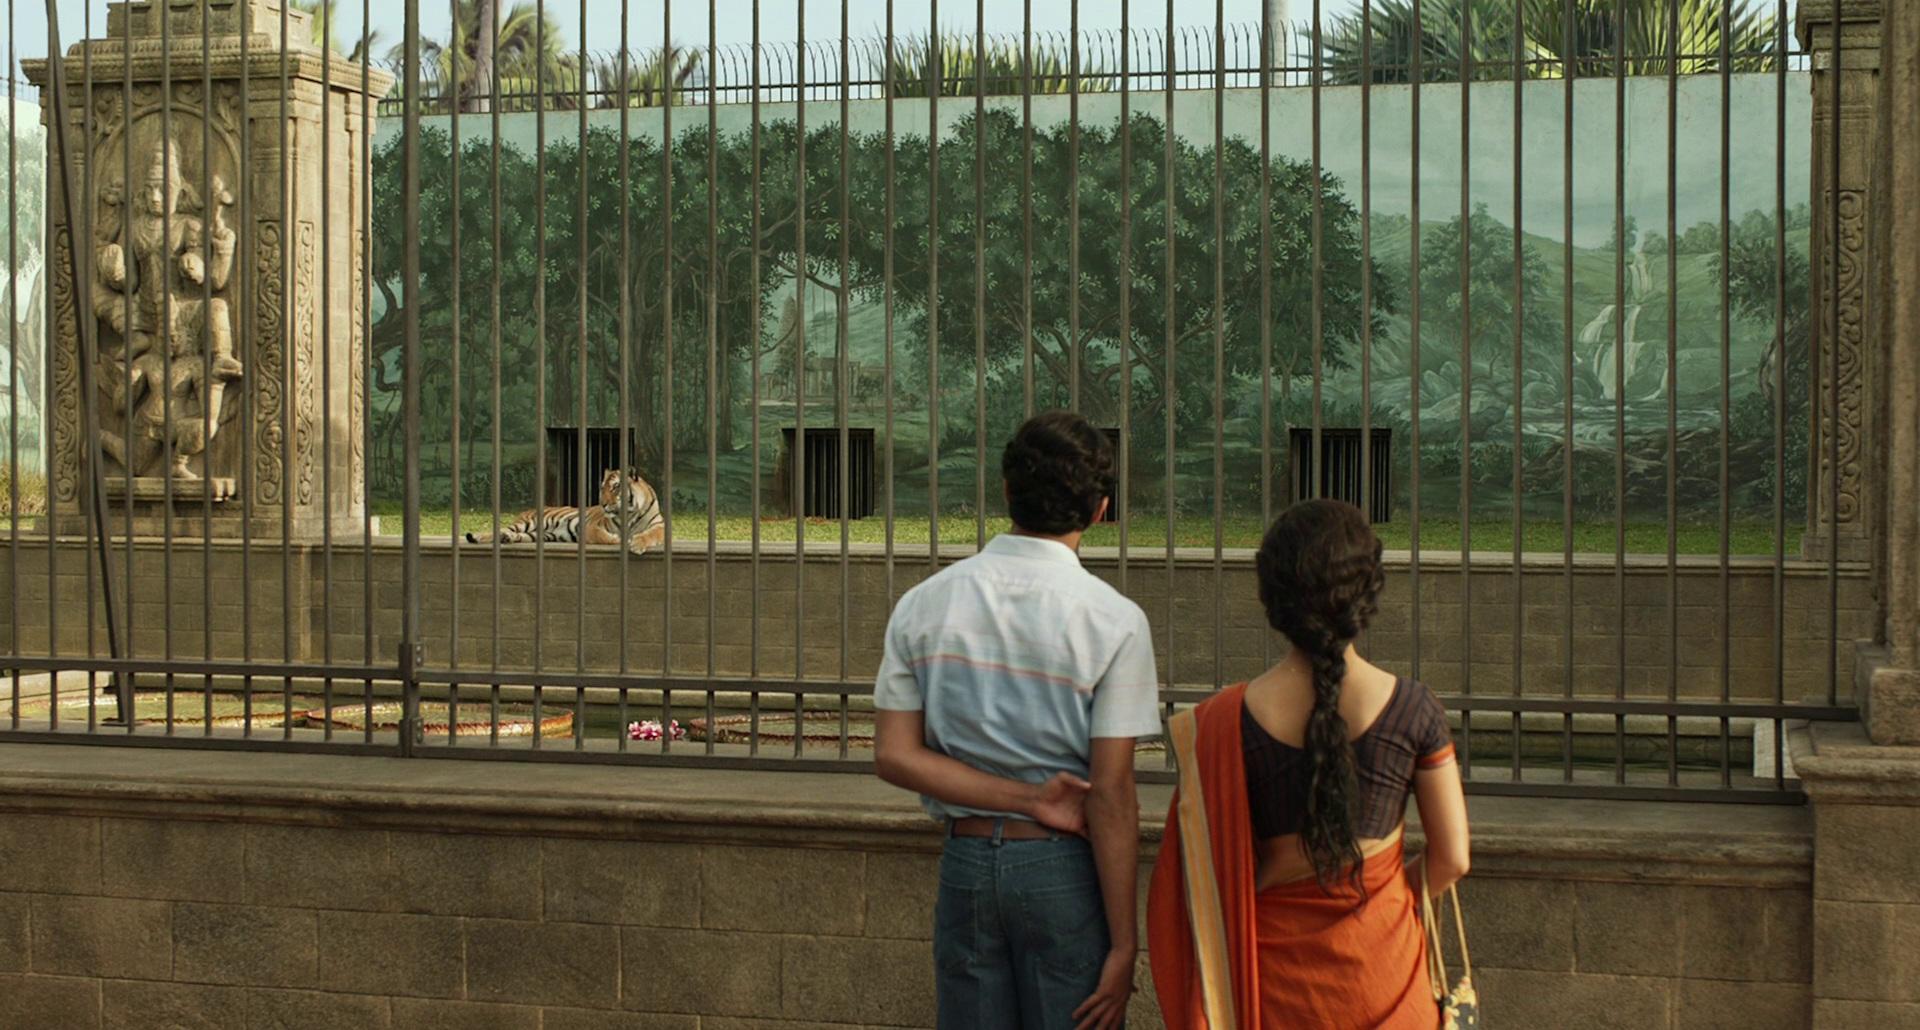 Richard Parker: Film Frame